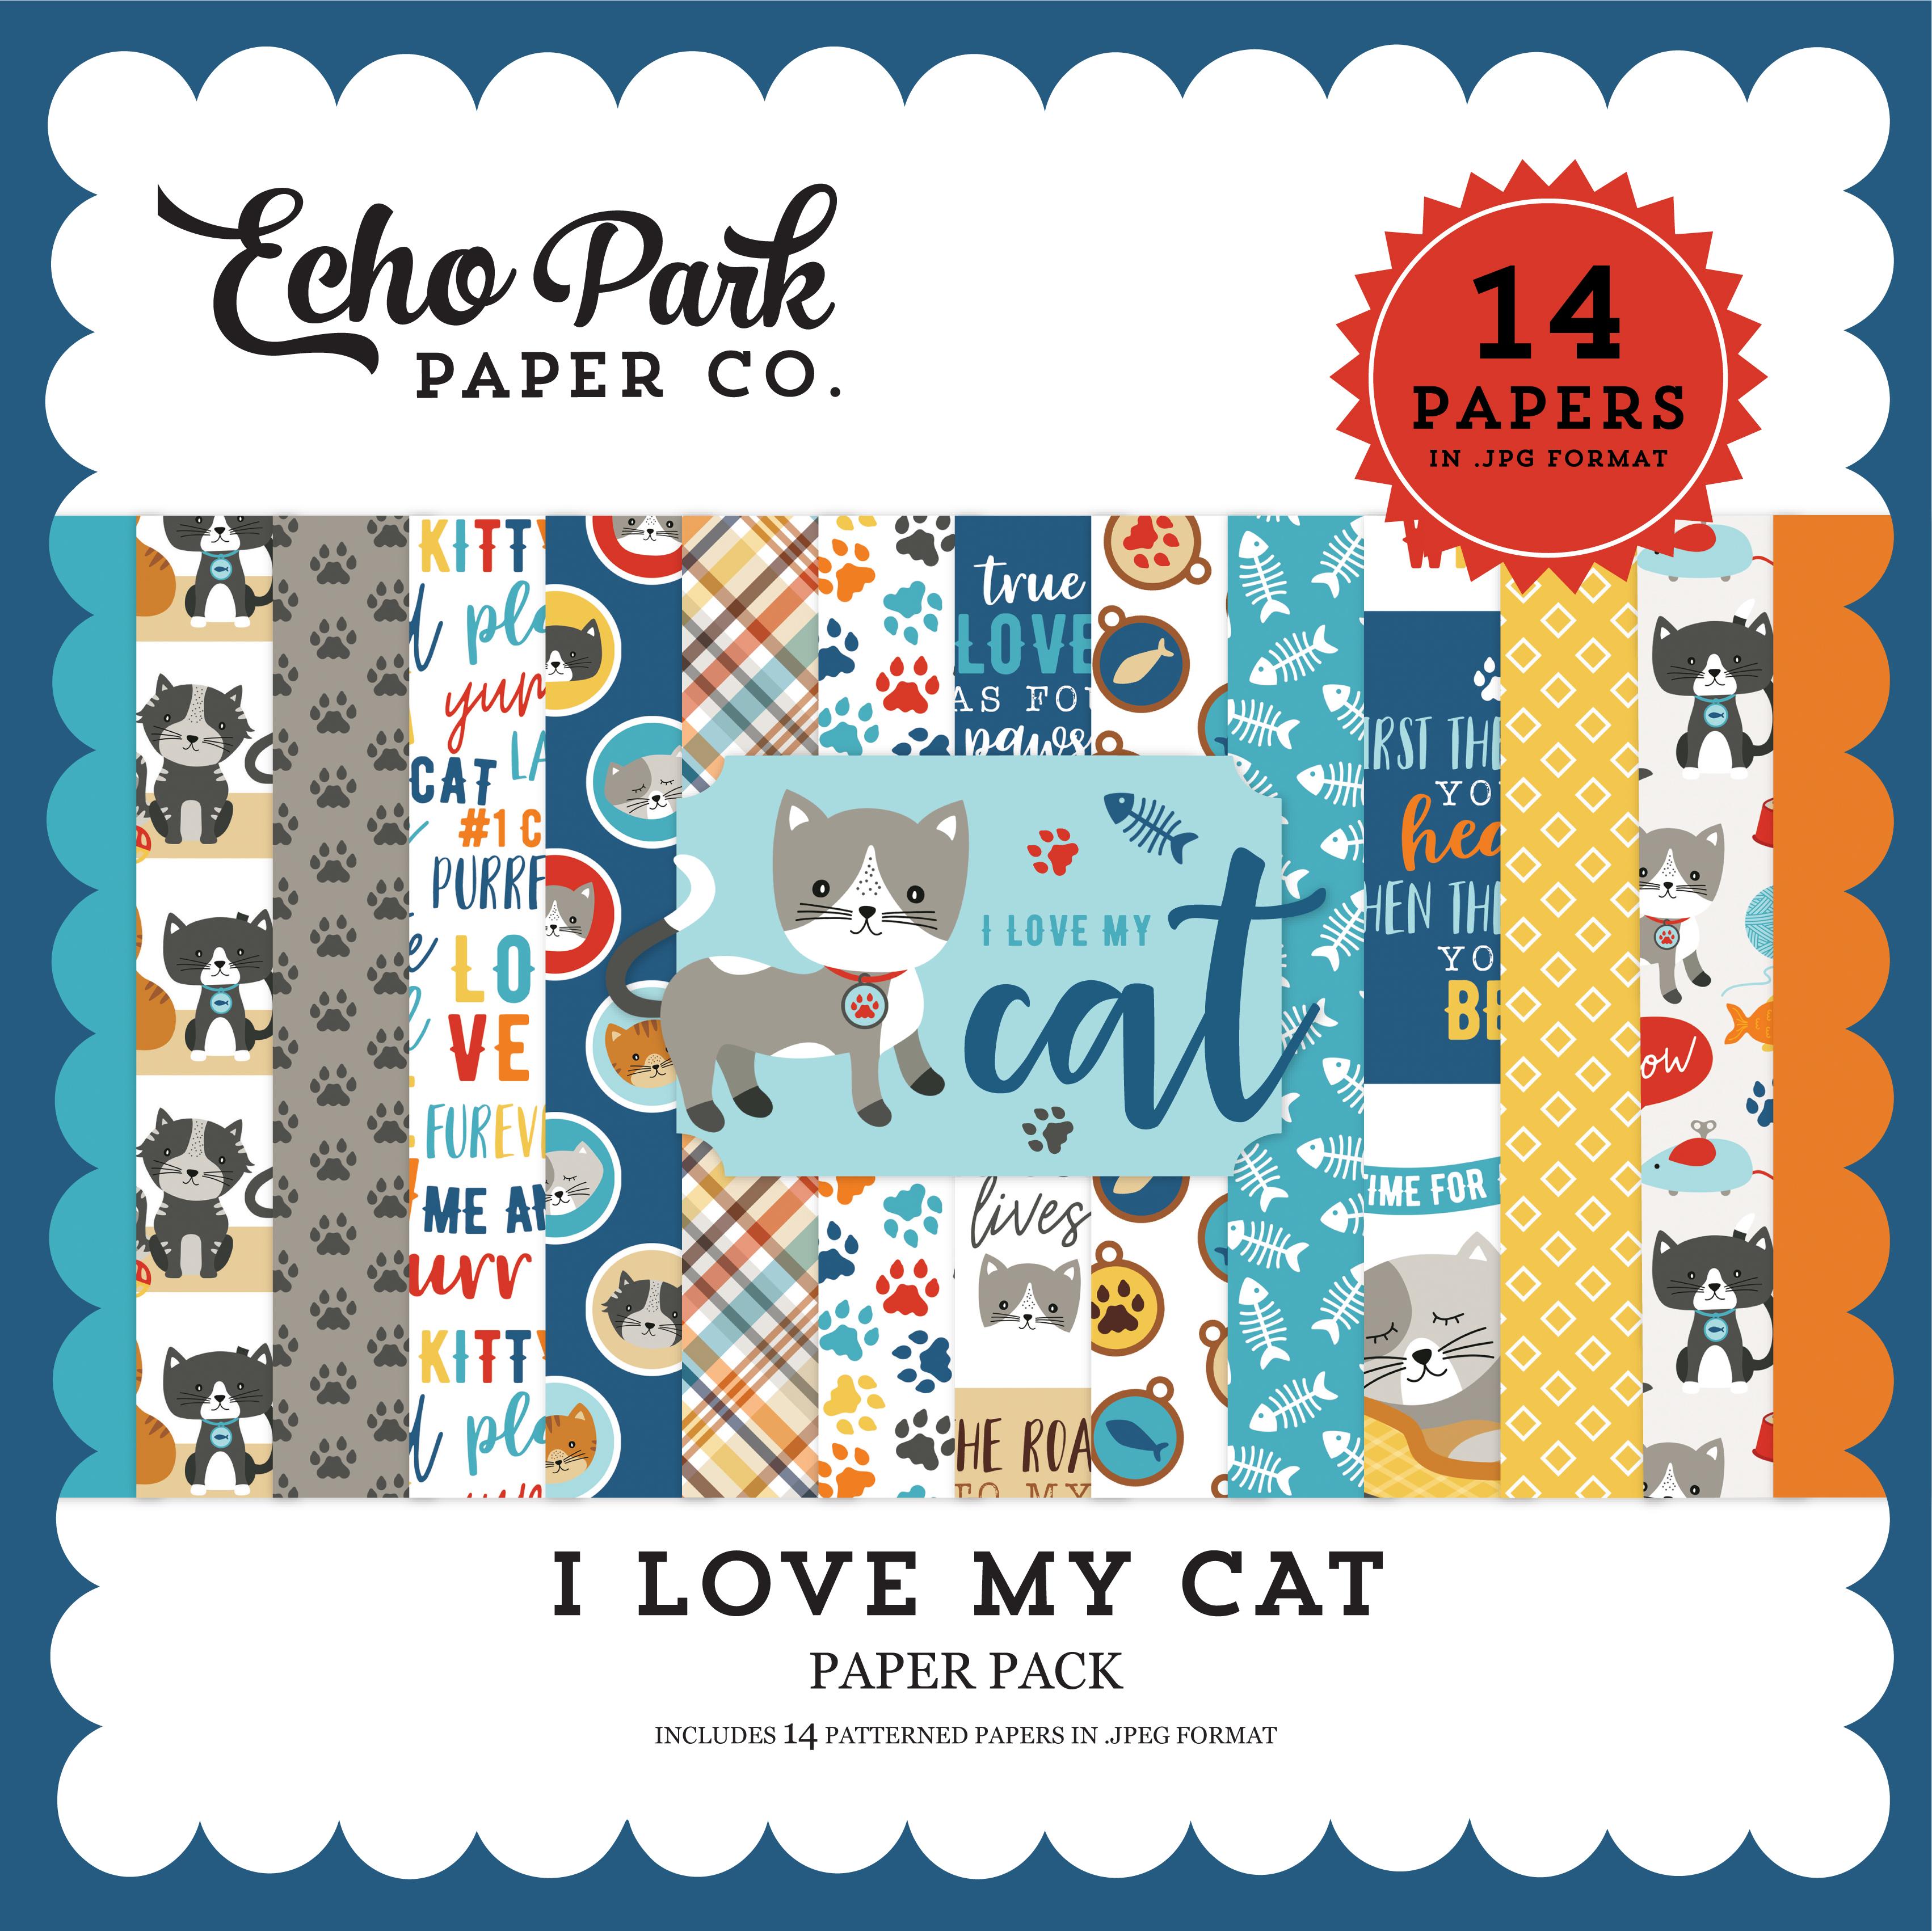 I Love My Cat Paper Pack